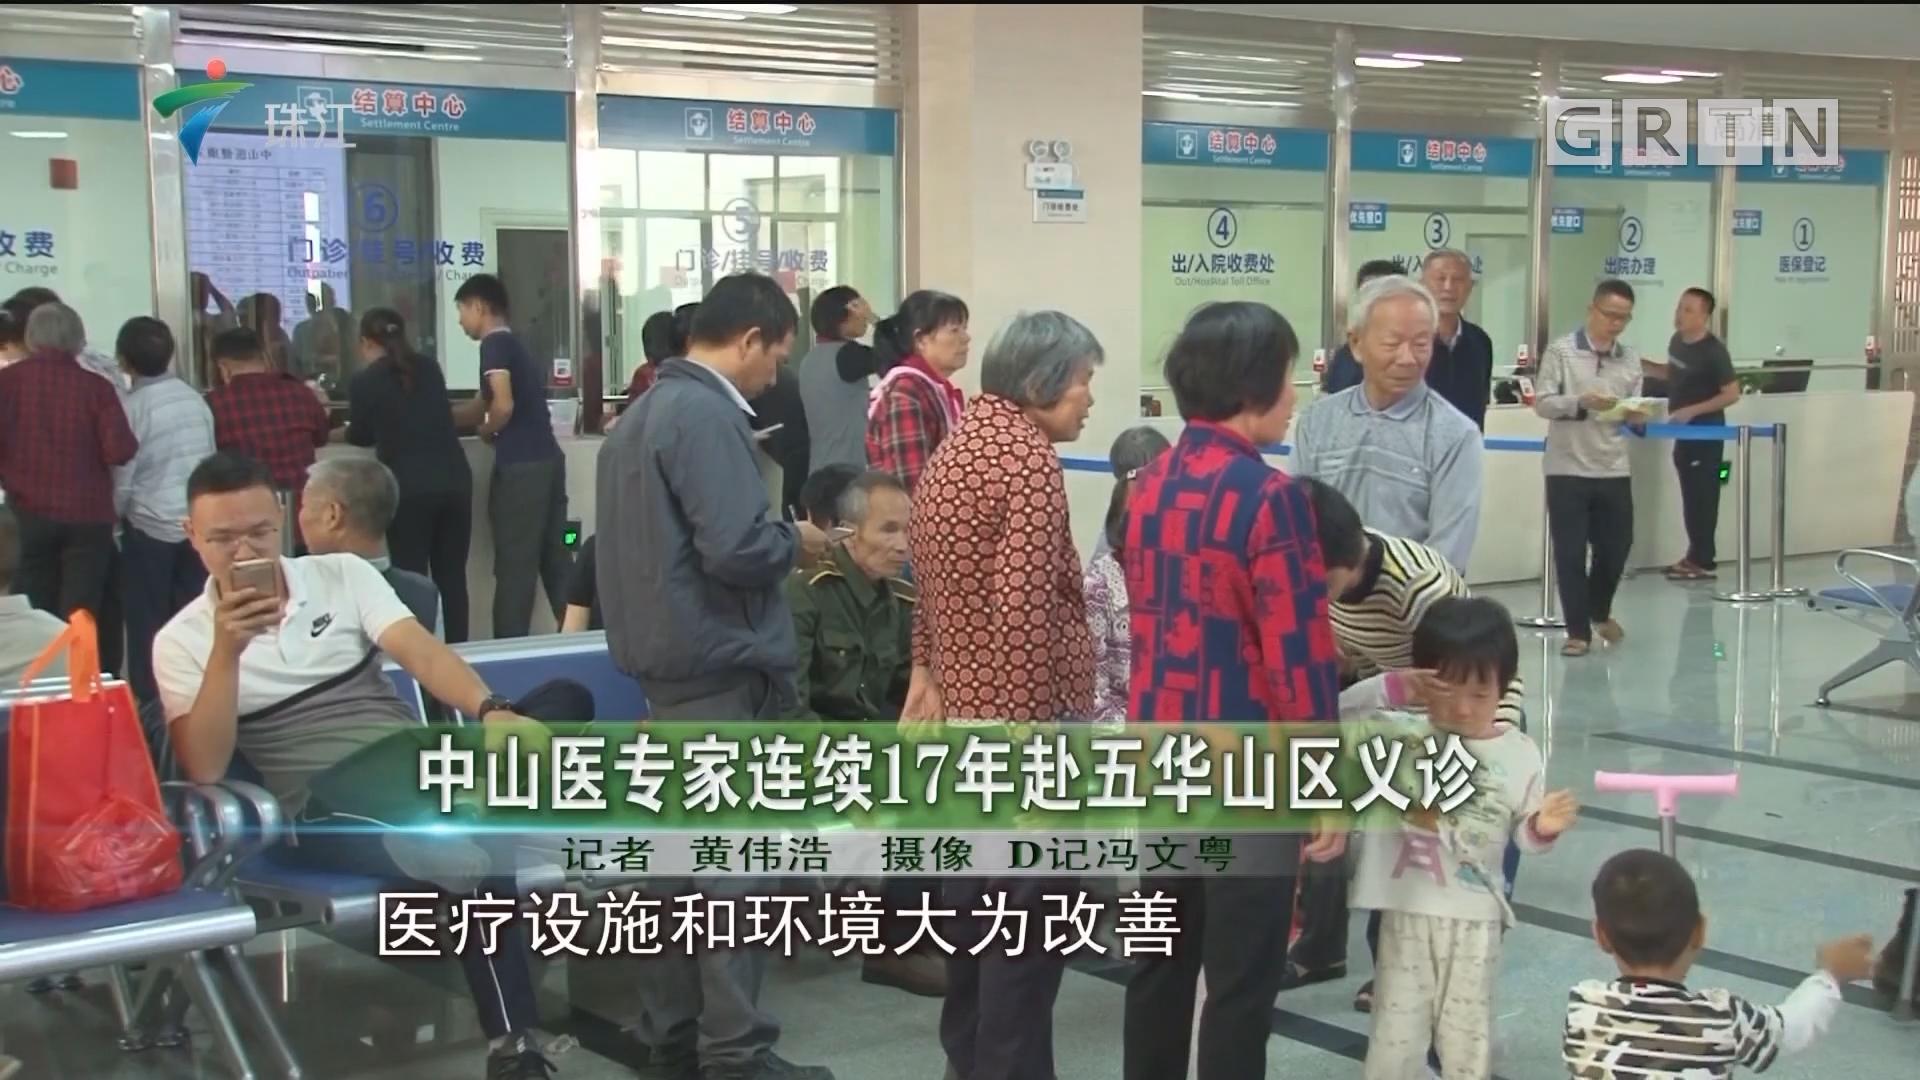 中山医专家连续17年赴五华山区义诊